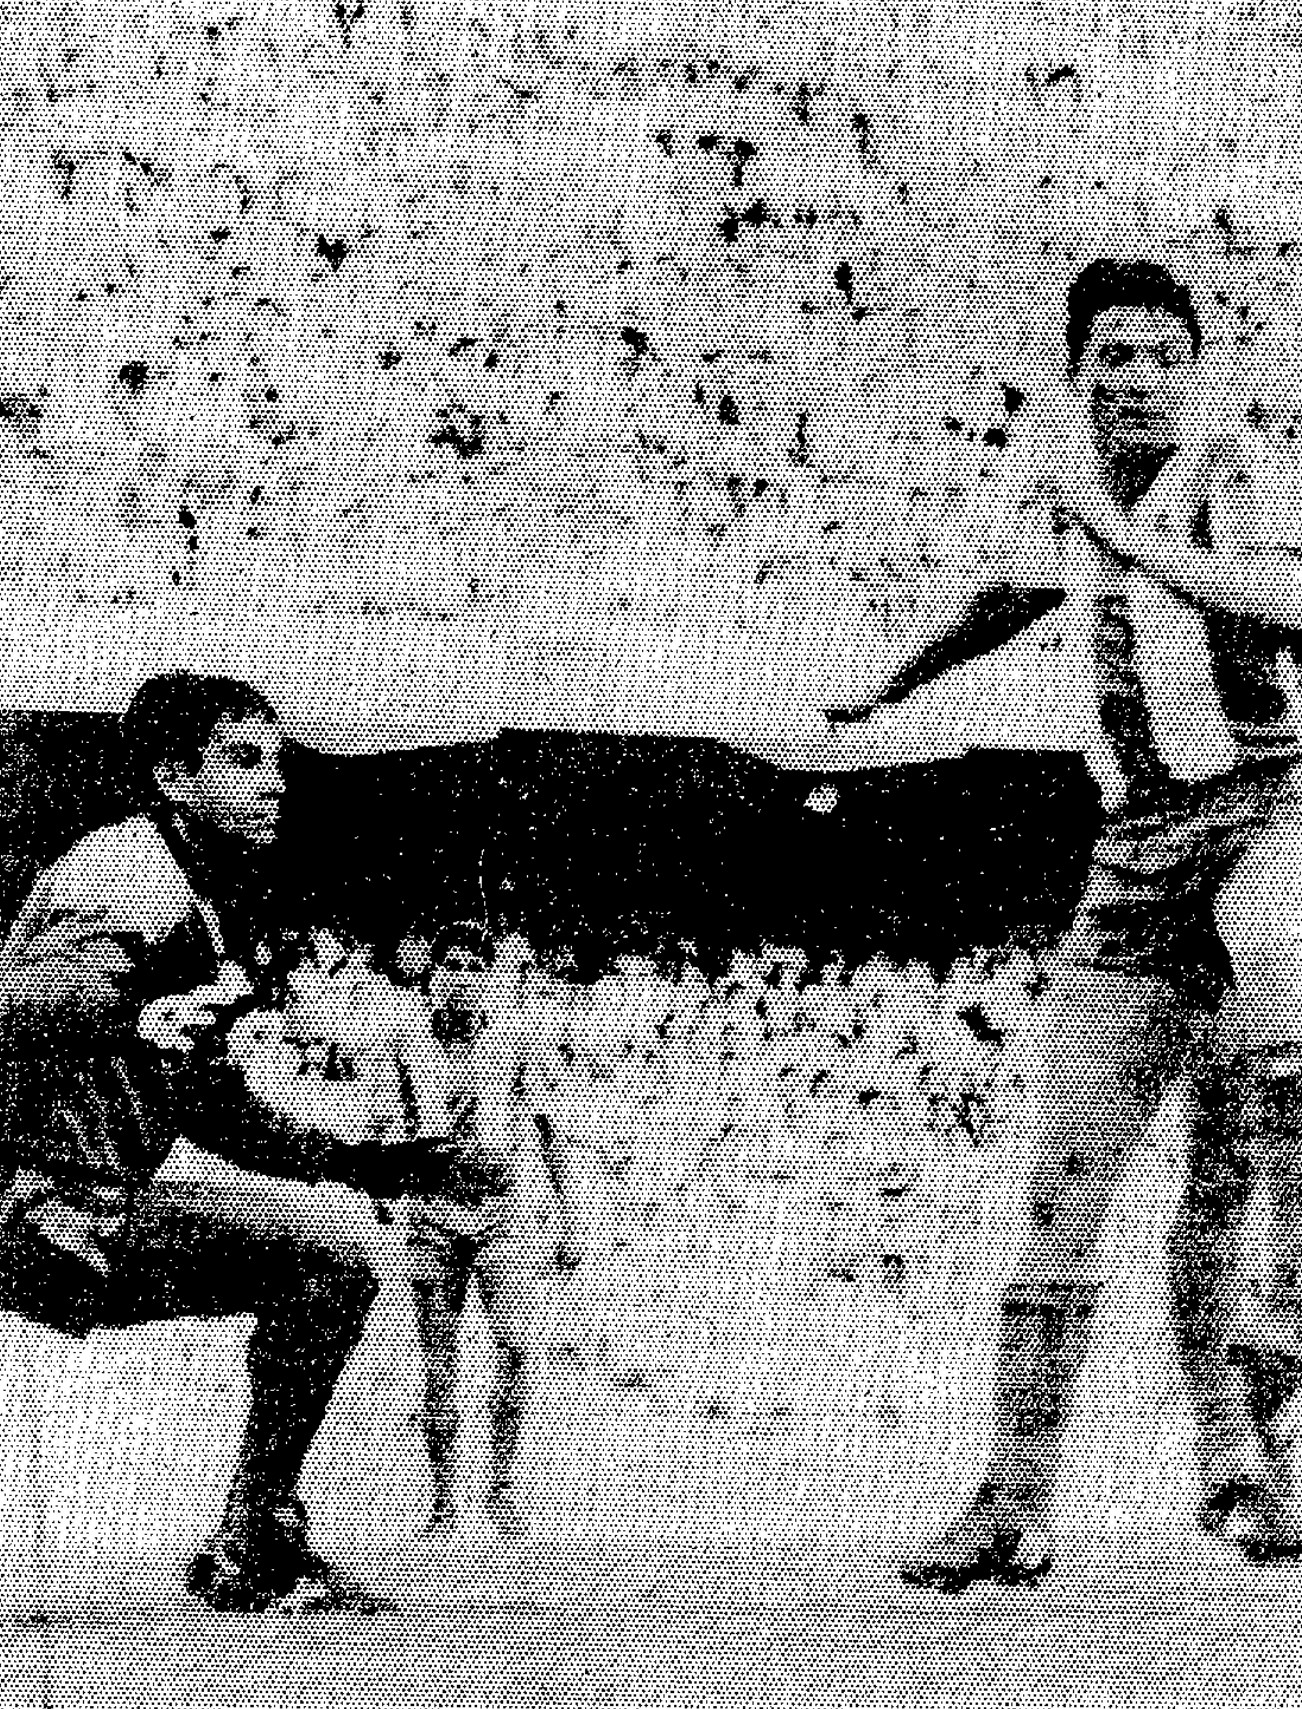 09.09.1984: Valencia CF 5 - 1 RCD Espanyol